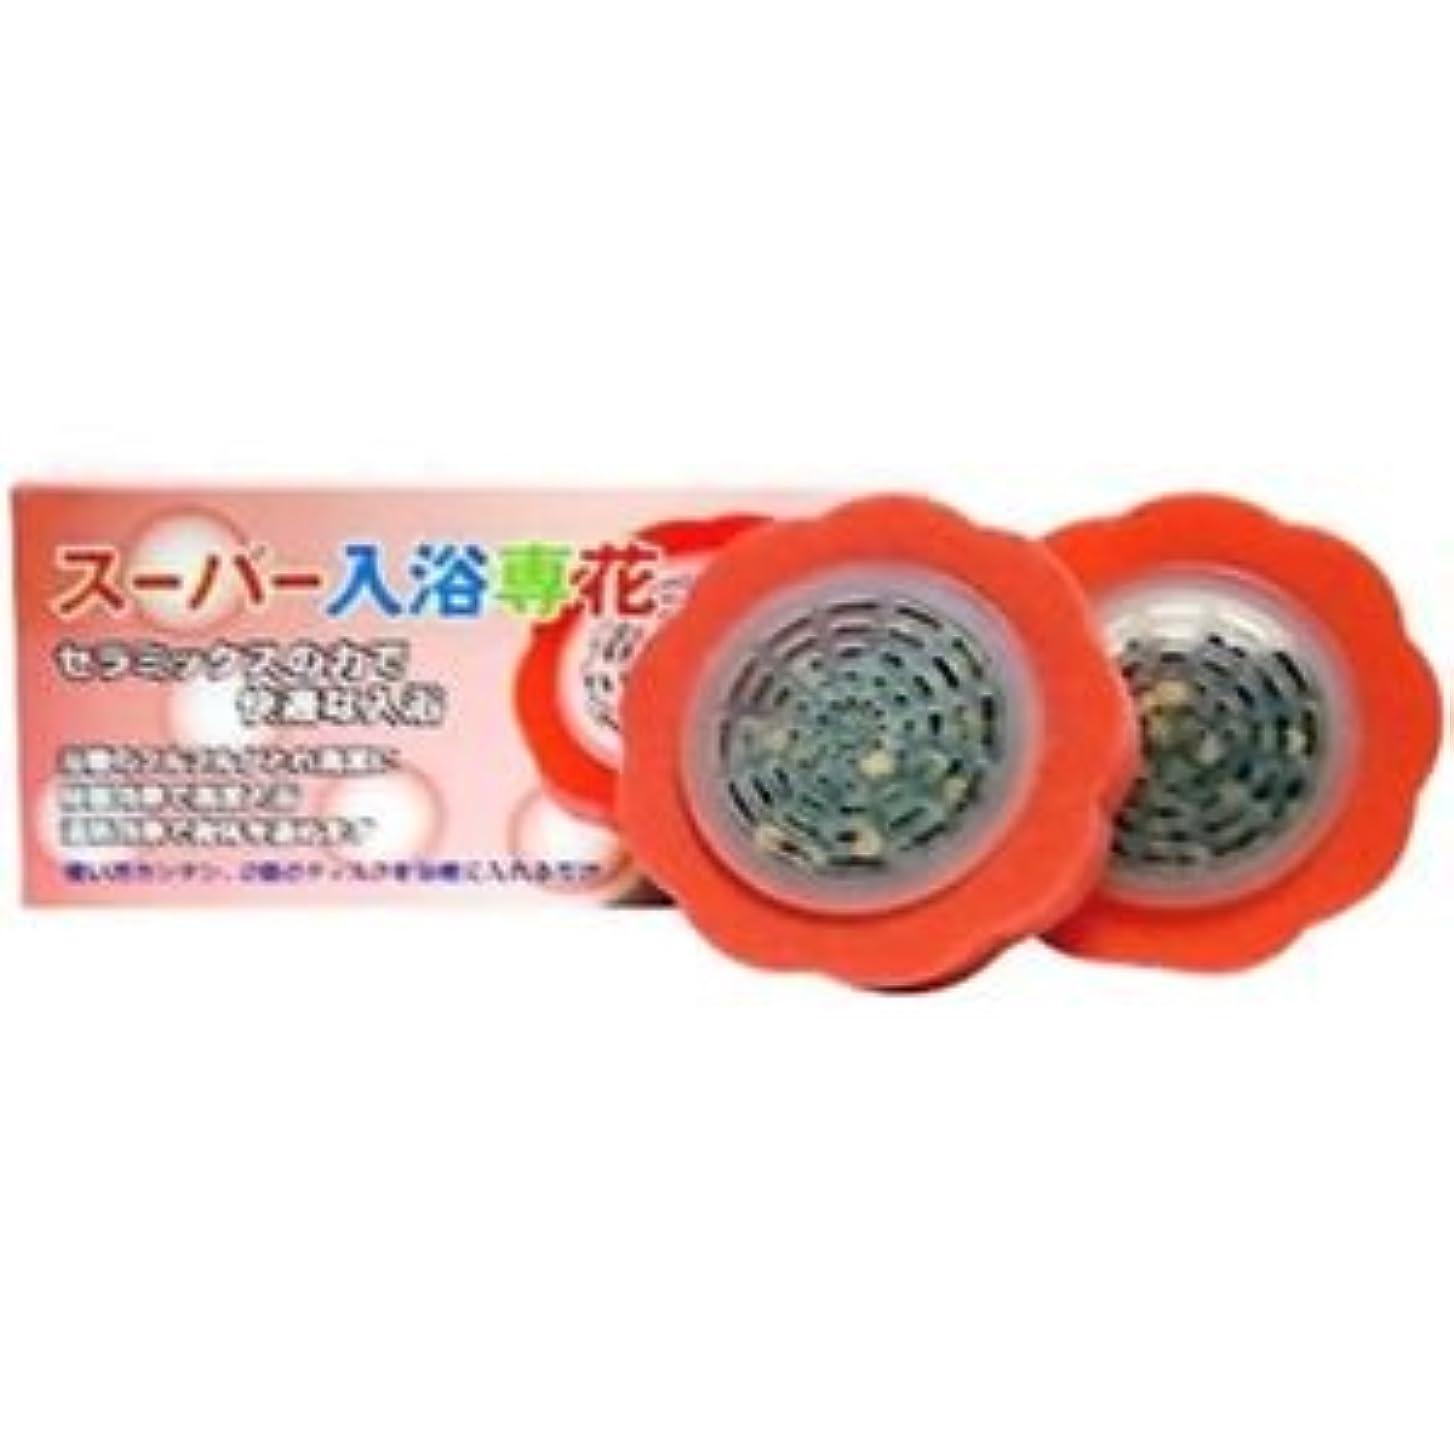 玉ねぎ放送カードスーパー入浴専花 2個入